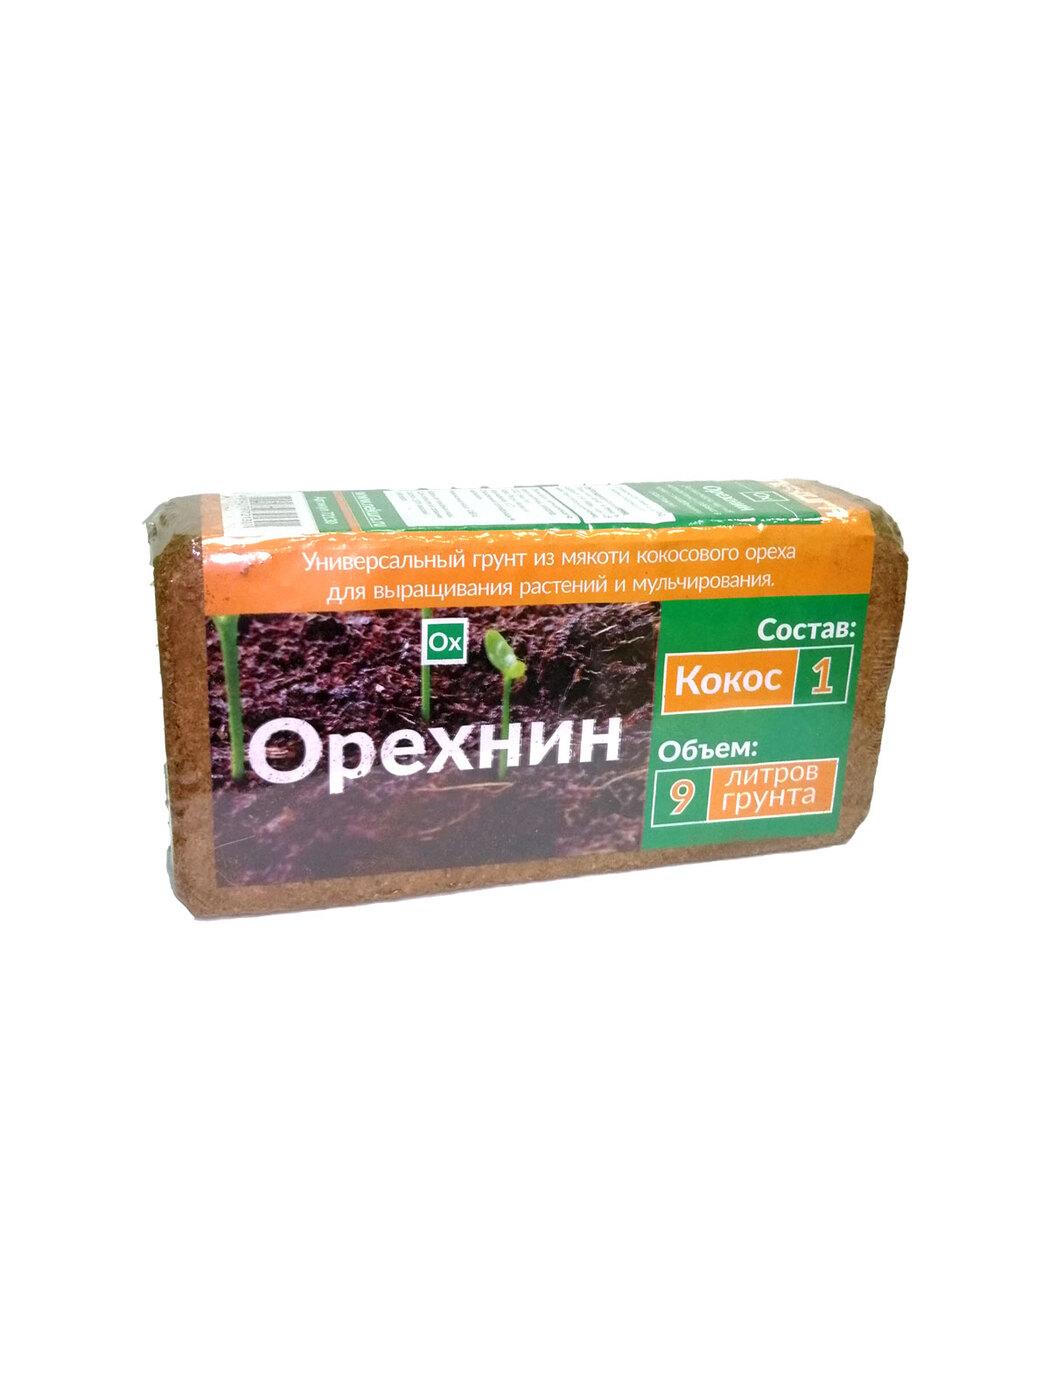 Кокосовый грунт Орехнин-1 брикет 9 литров